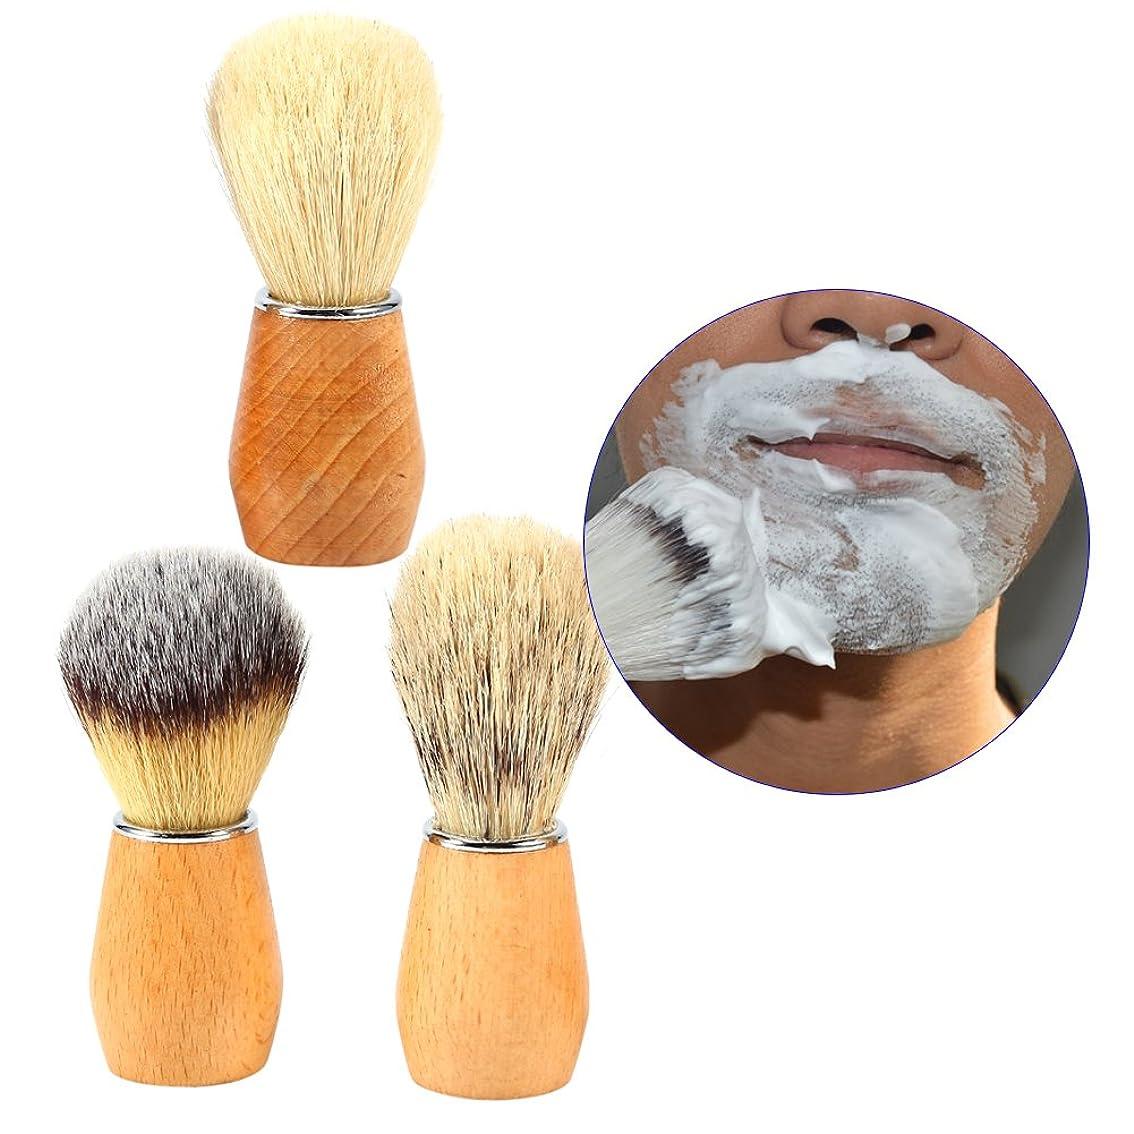 がっかりした考古学平均男の父のギフト理髪ツール3種類の男性用シェービングブラシw /木製ハンドル(#1)